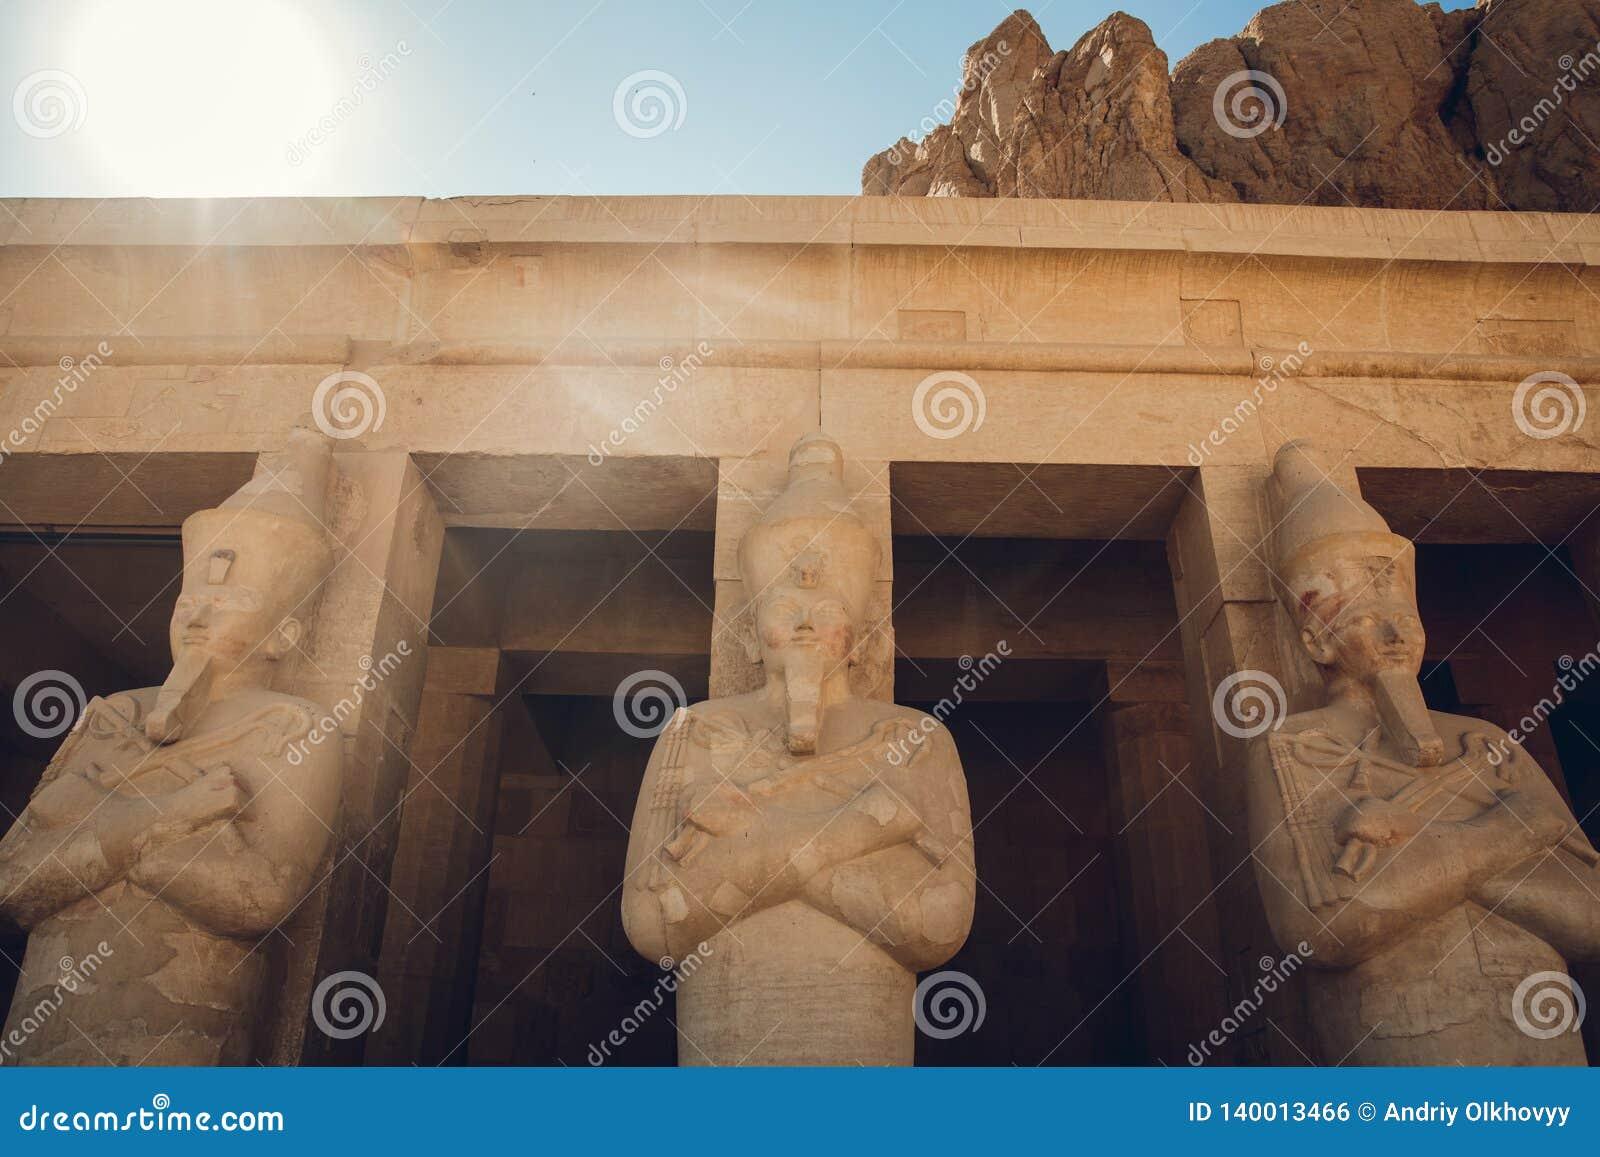 Statue du grand pharaon égyptien dans le temple de Louxor, Egypte